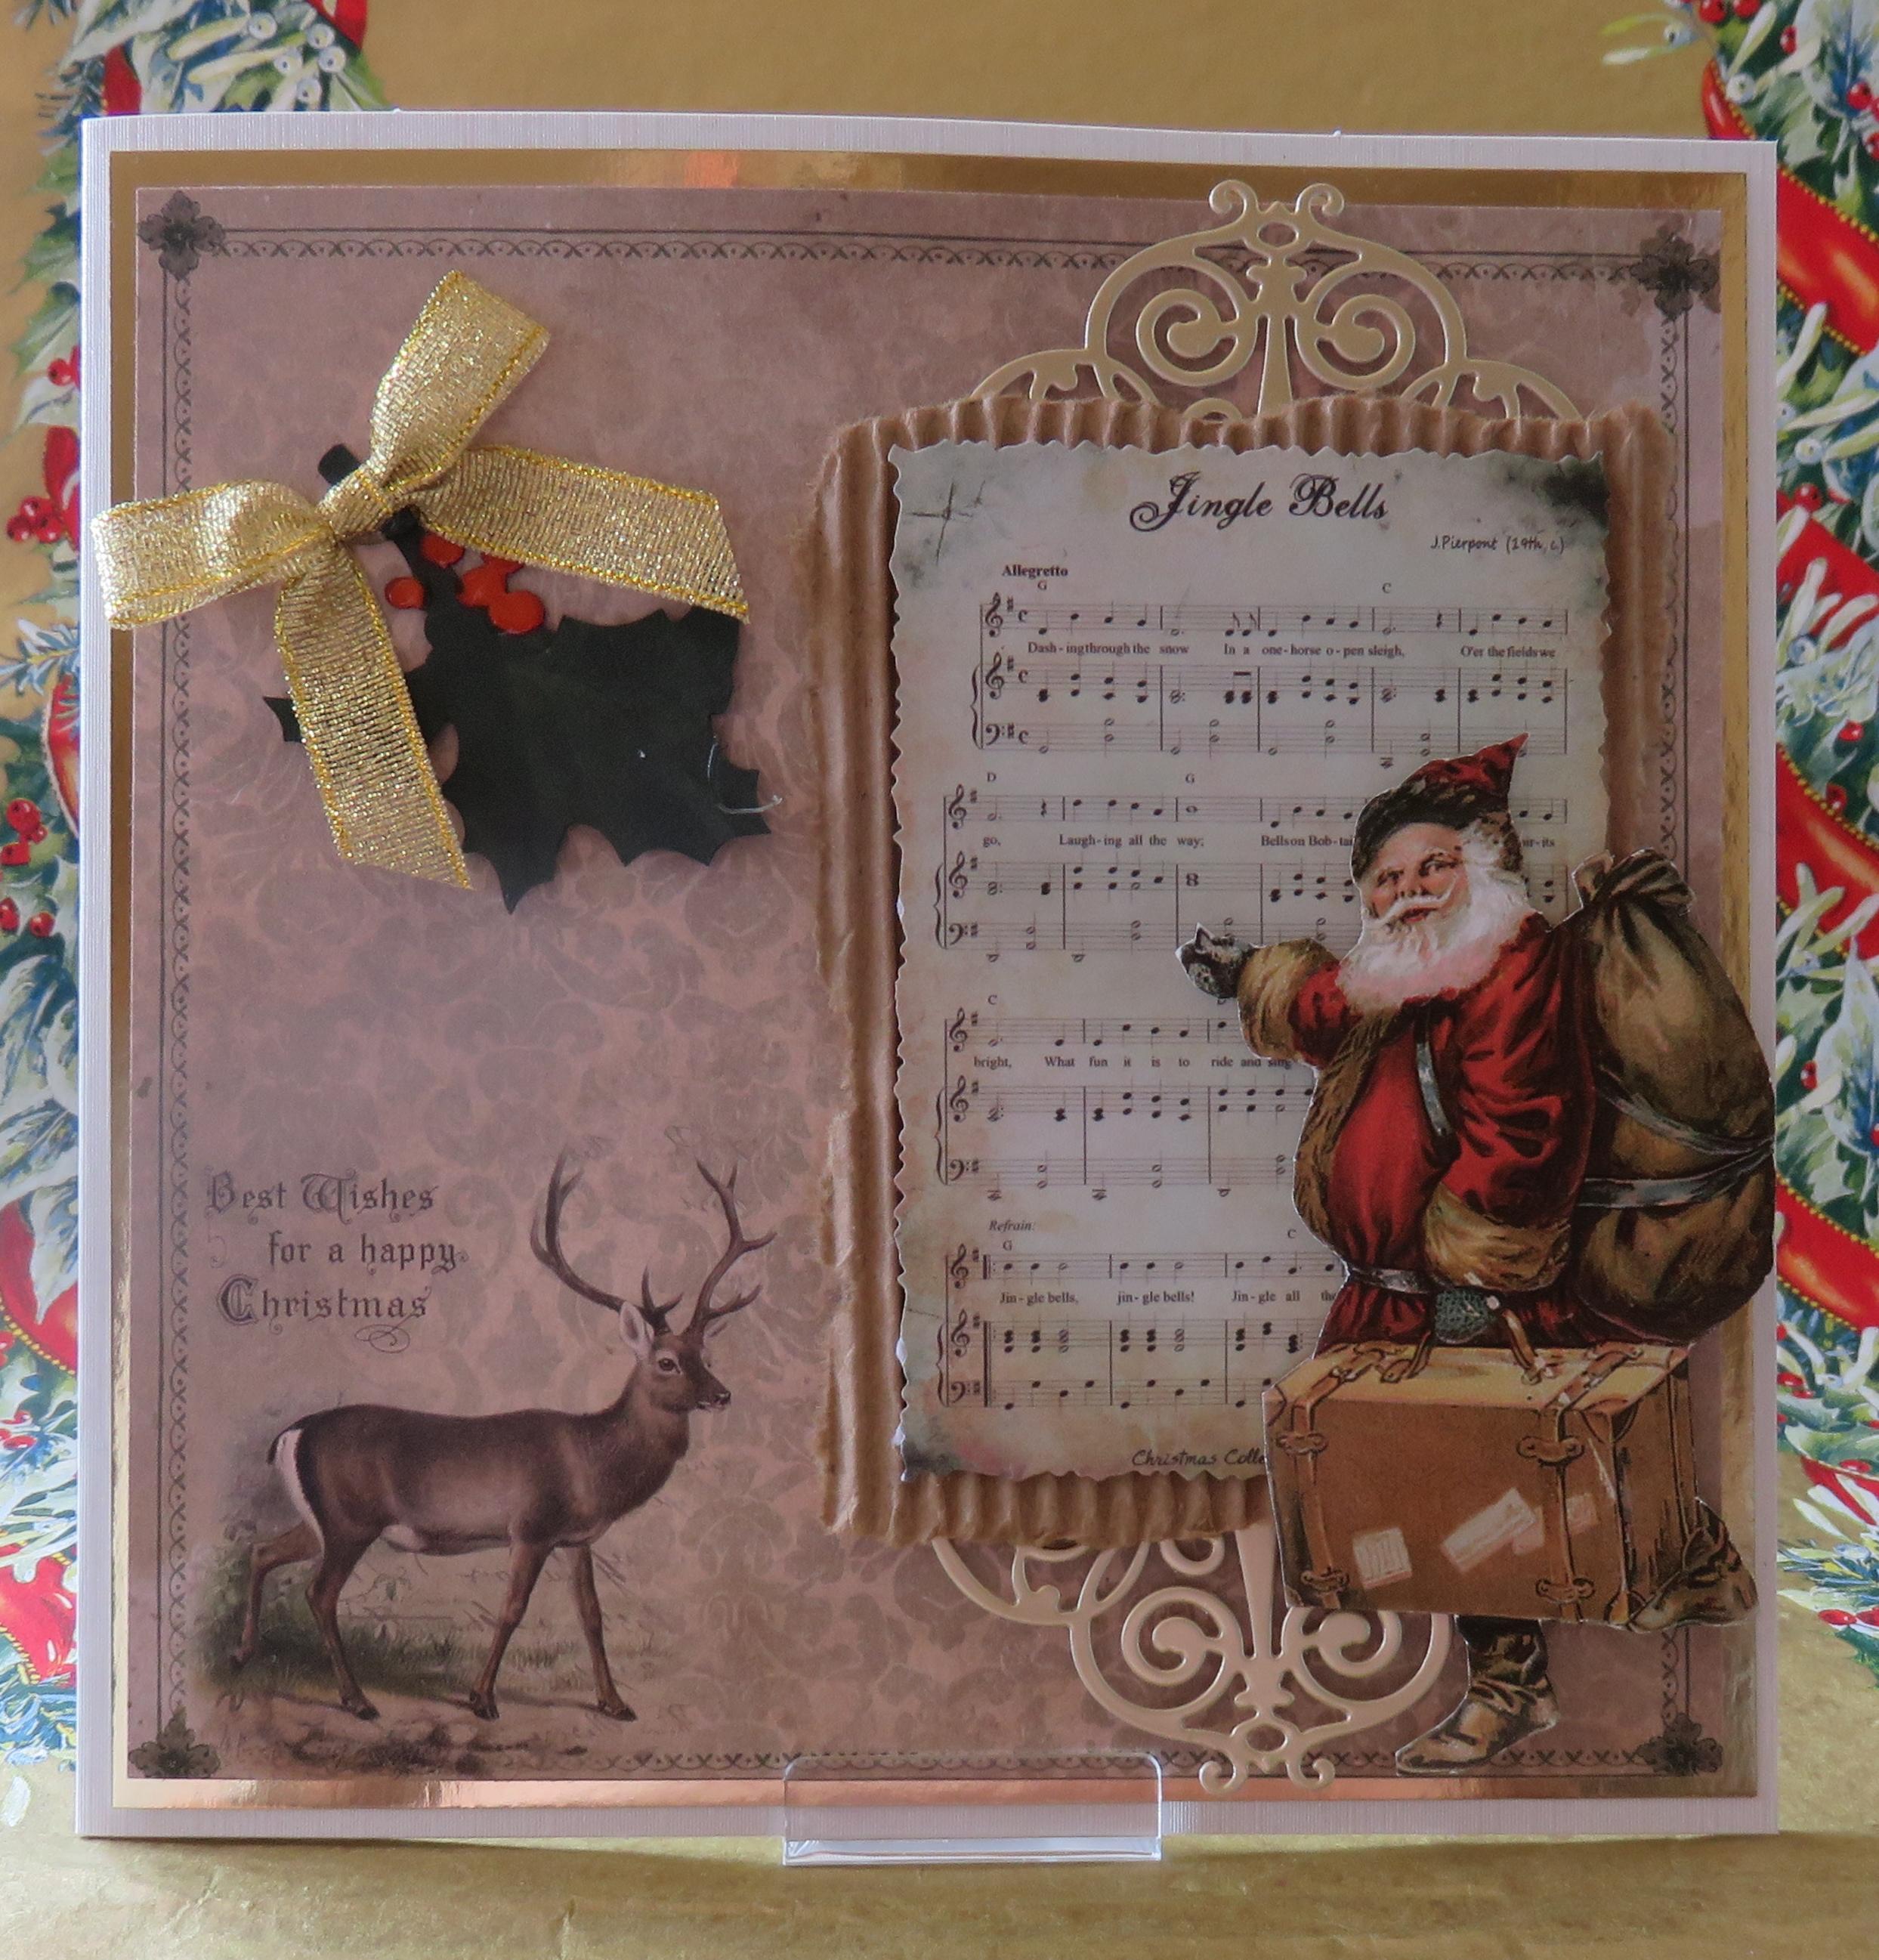 Bilder Weihnachten Nostalgisch.Grußkarte Weihnachten Nostalgisch Jingle Bells